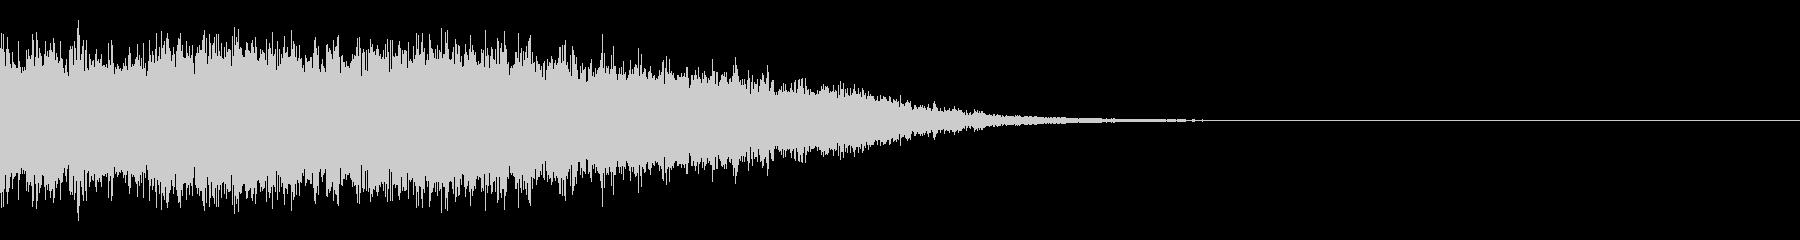 上昇音・ギュイーン・キュイーンの未再生の波形